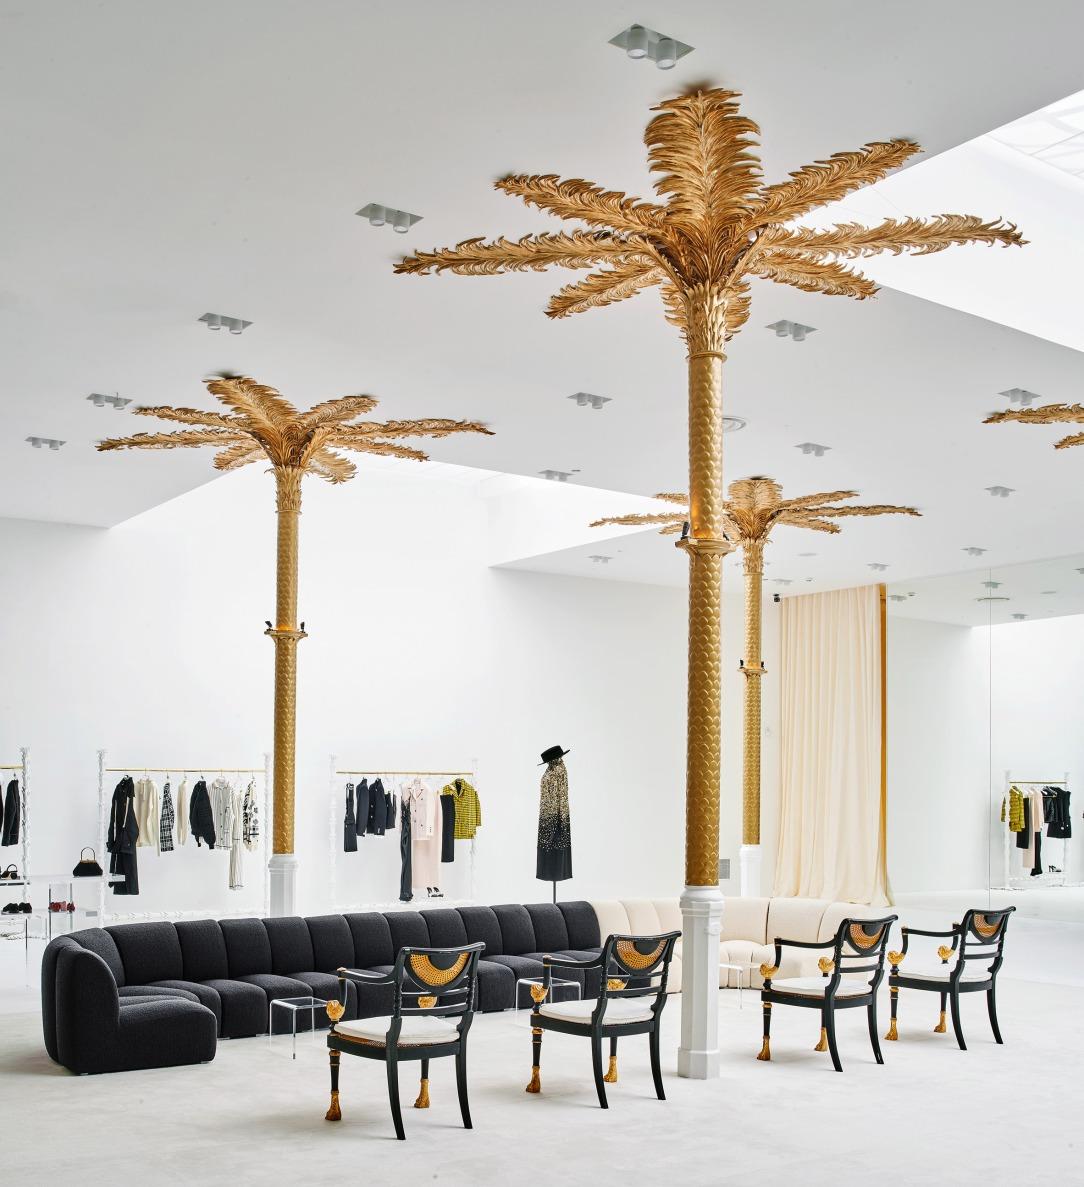 Современный дизайн интерьера магазина Darial в Барселоне 3